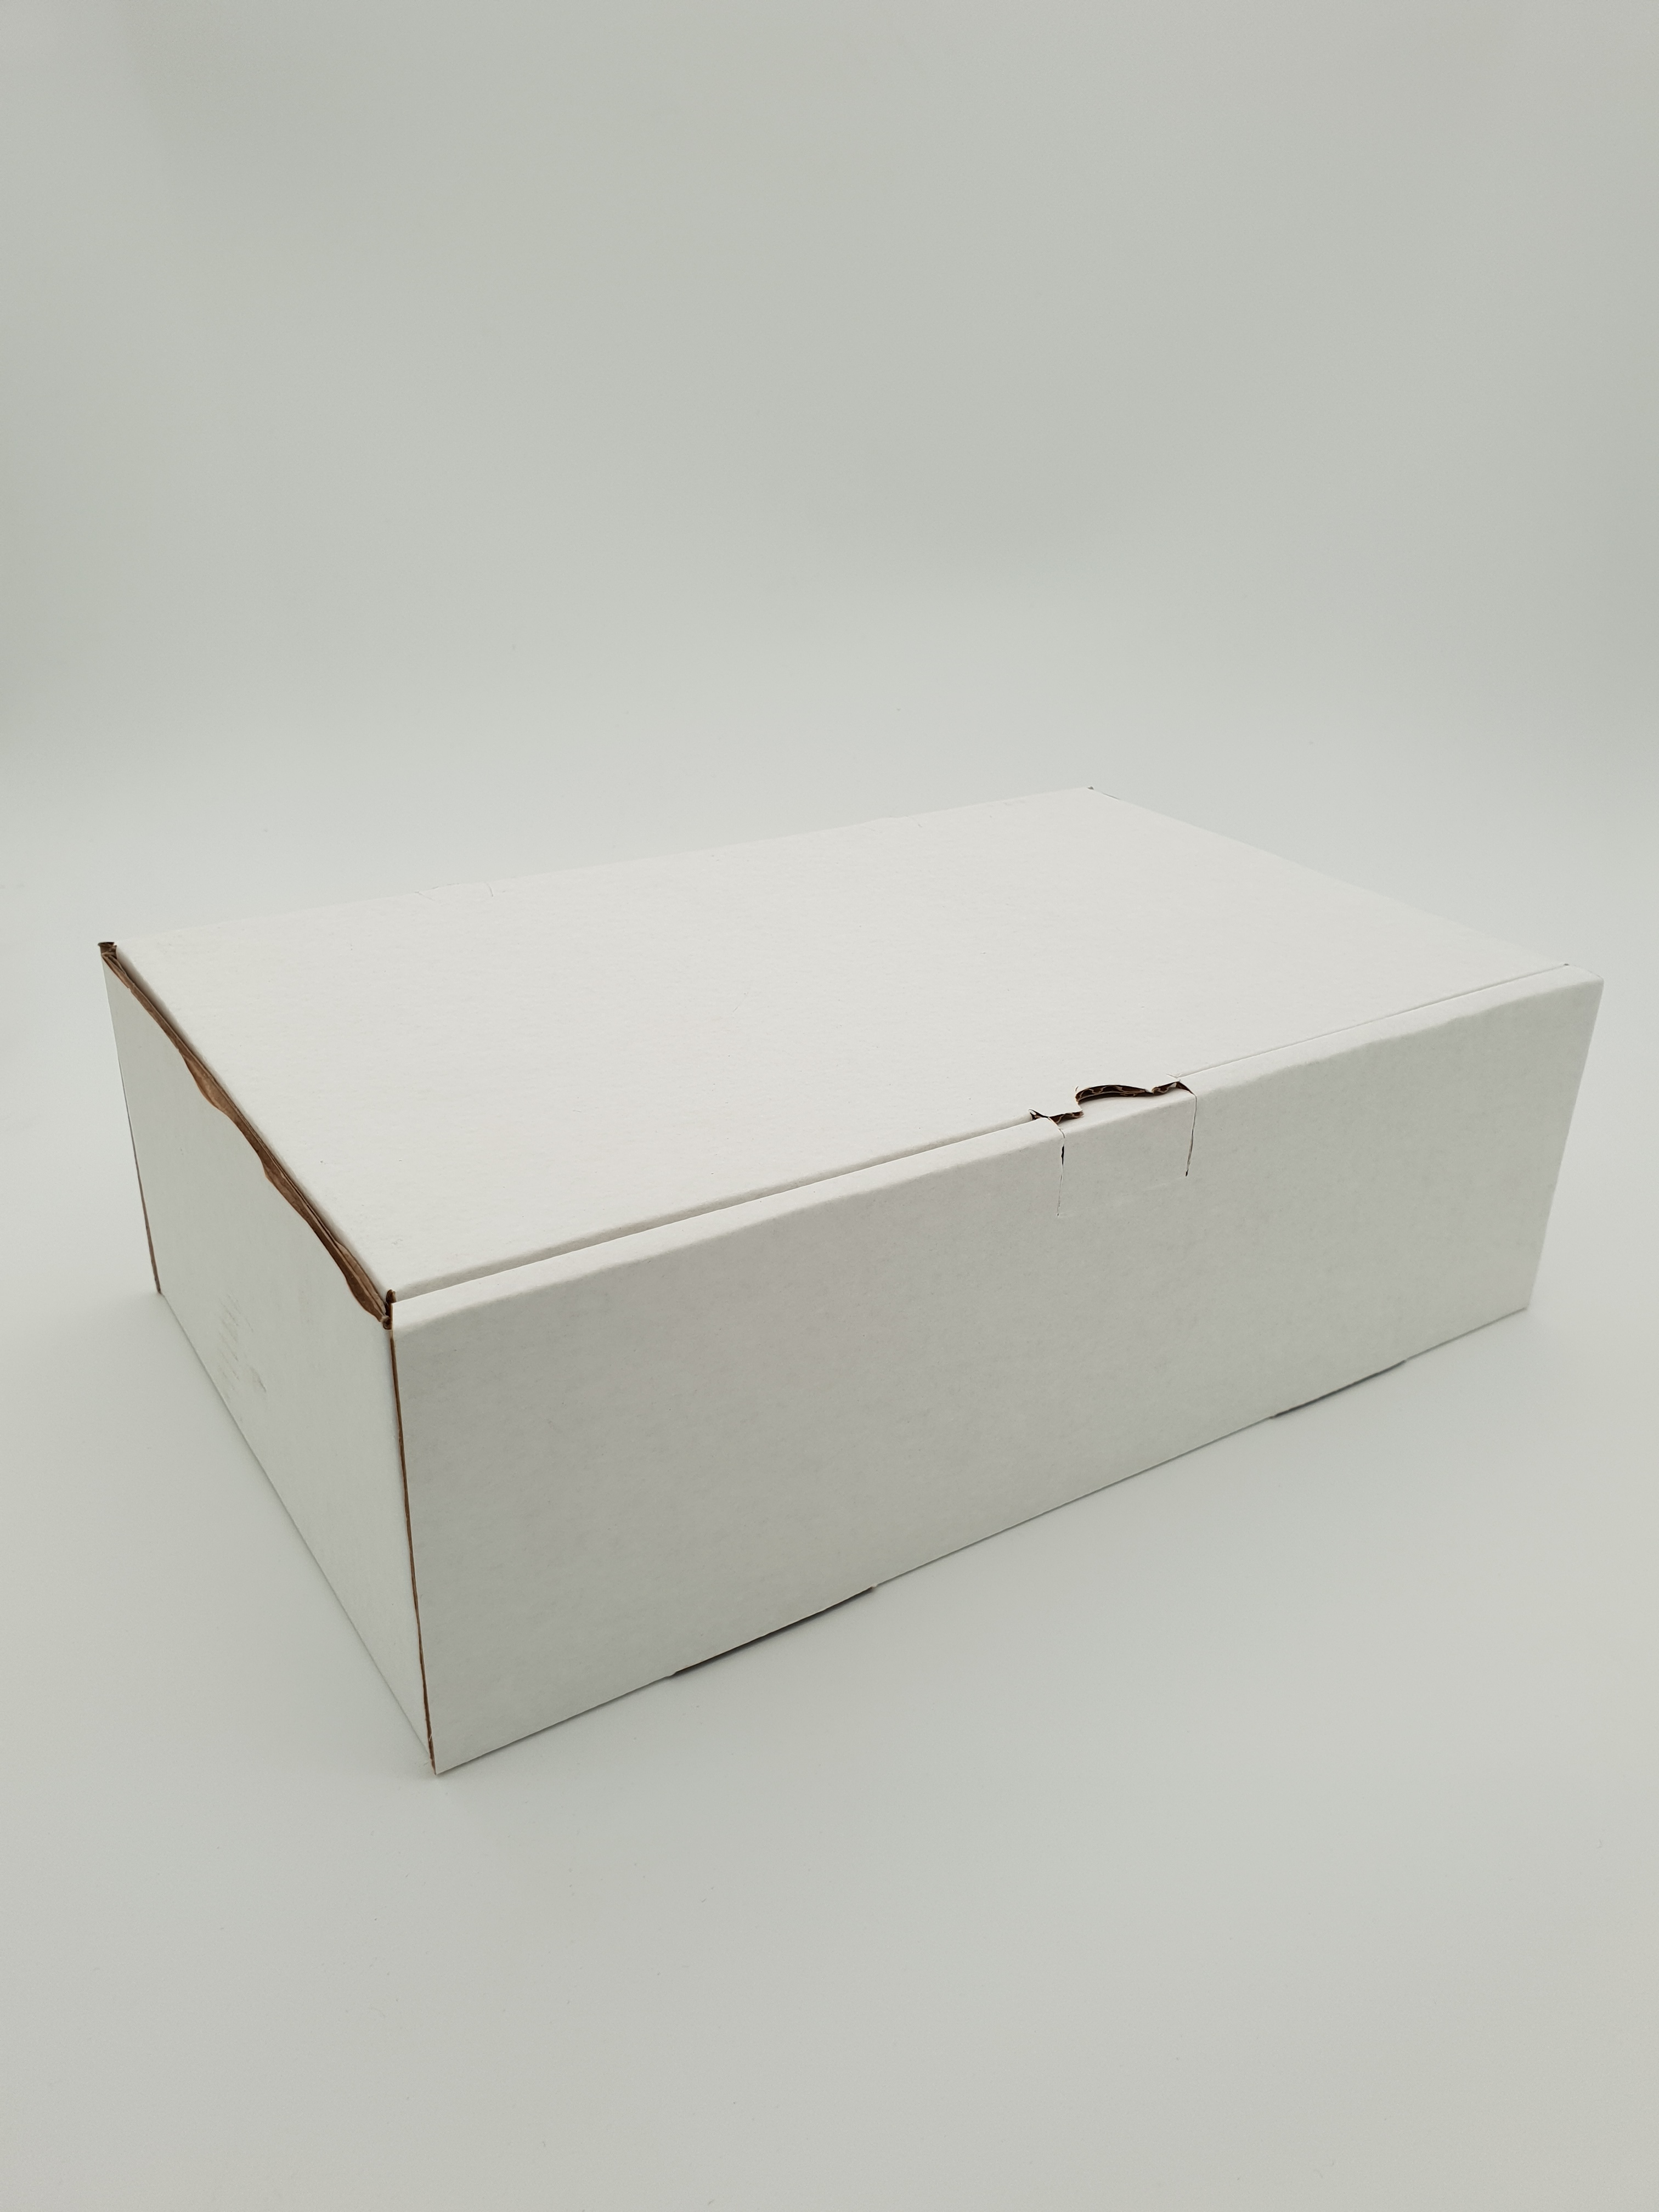 Box Corrugated Rib - 260 x 150 x 60mm - White RIBW